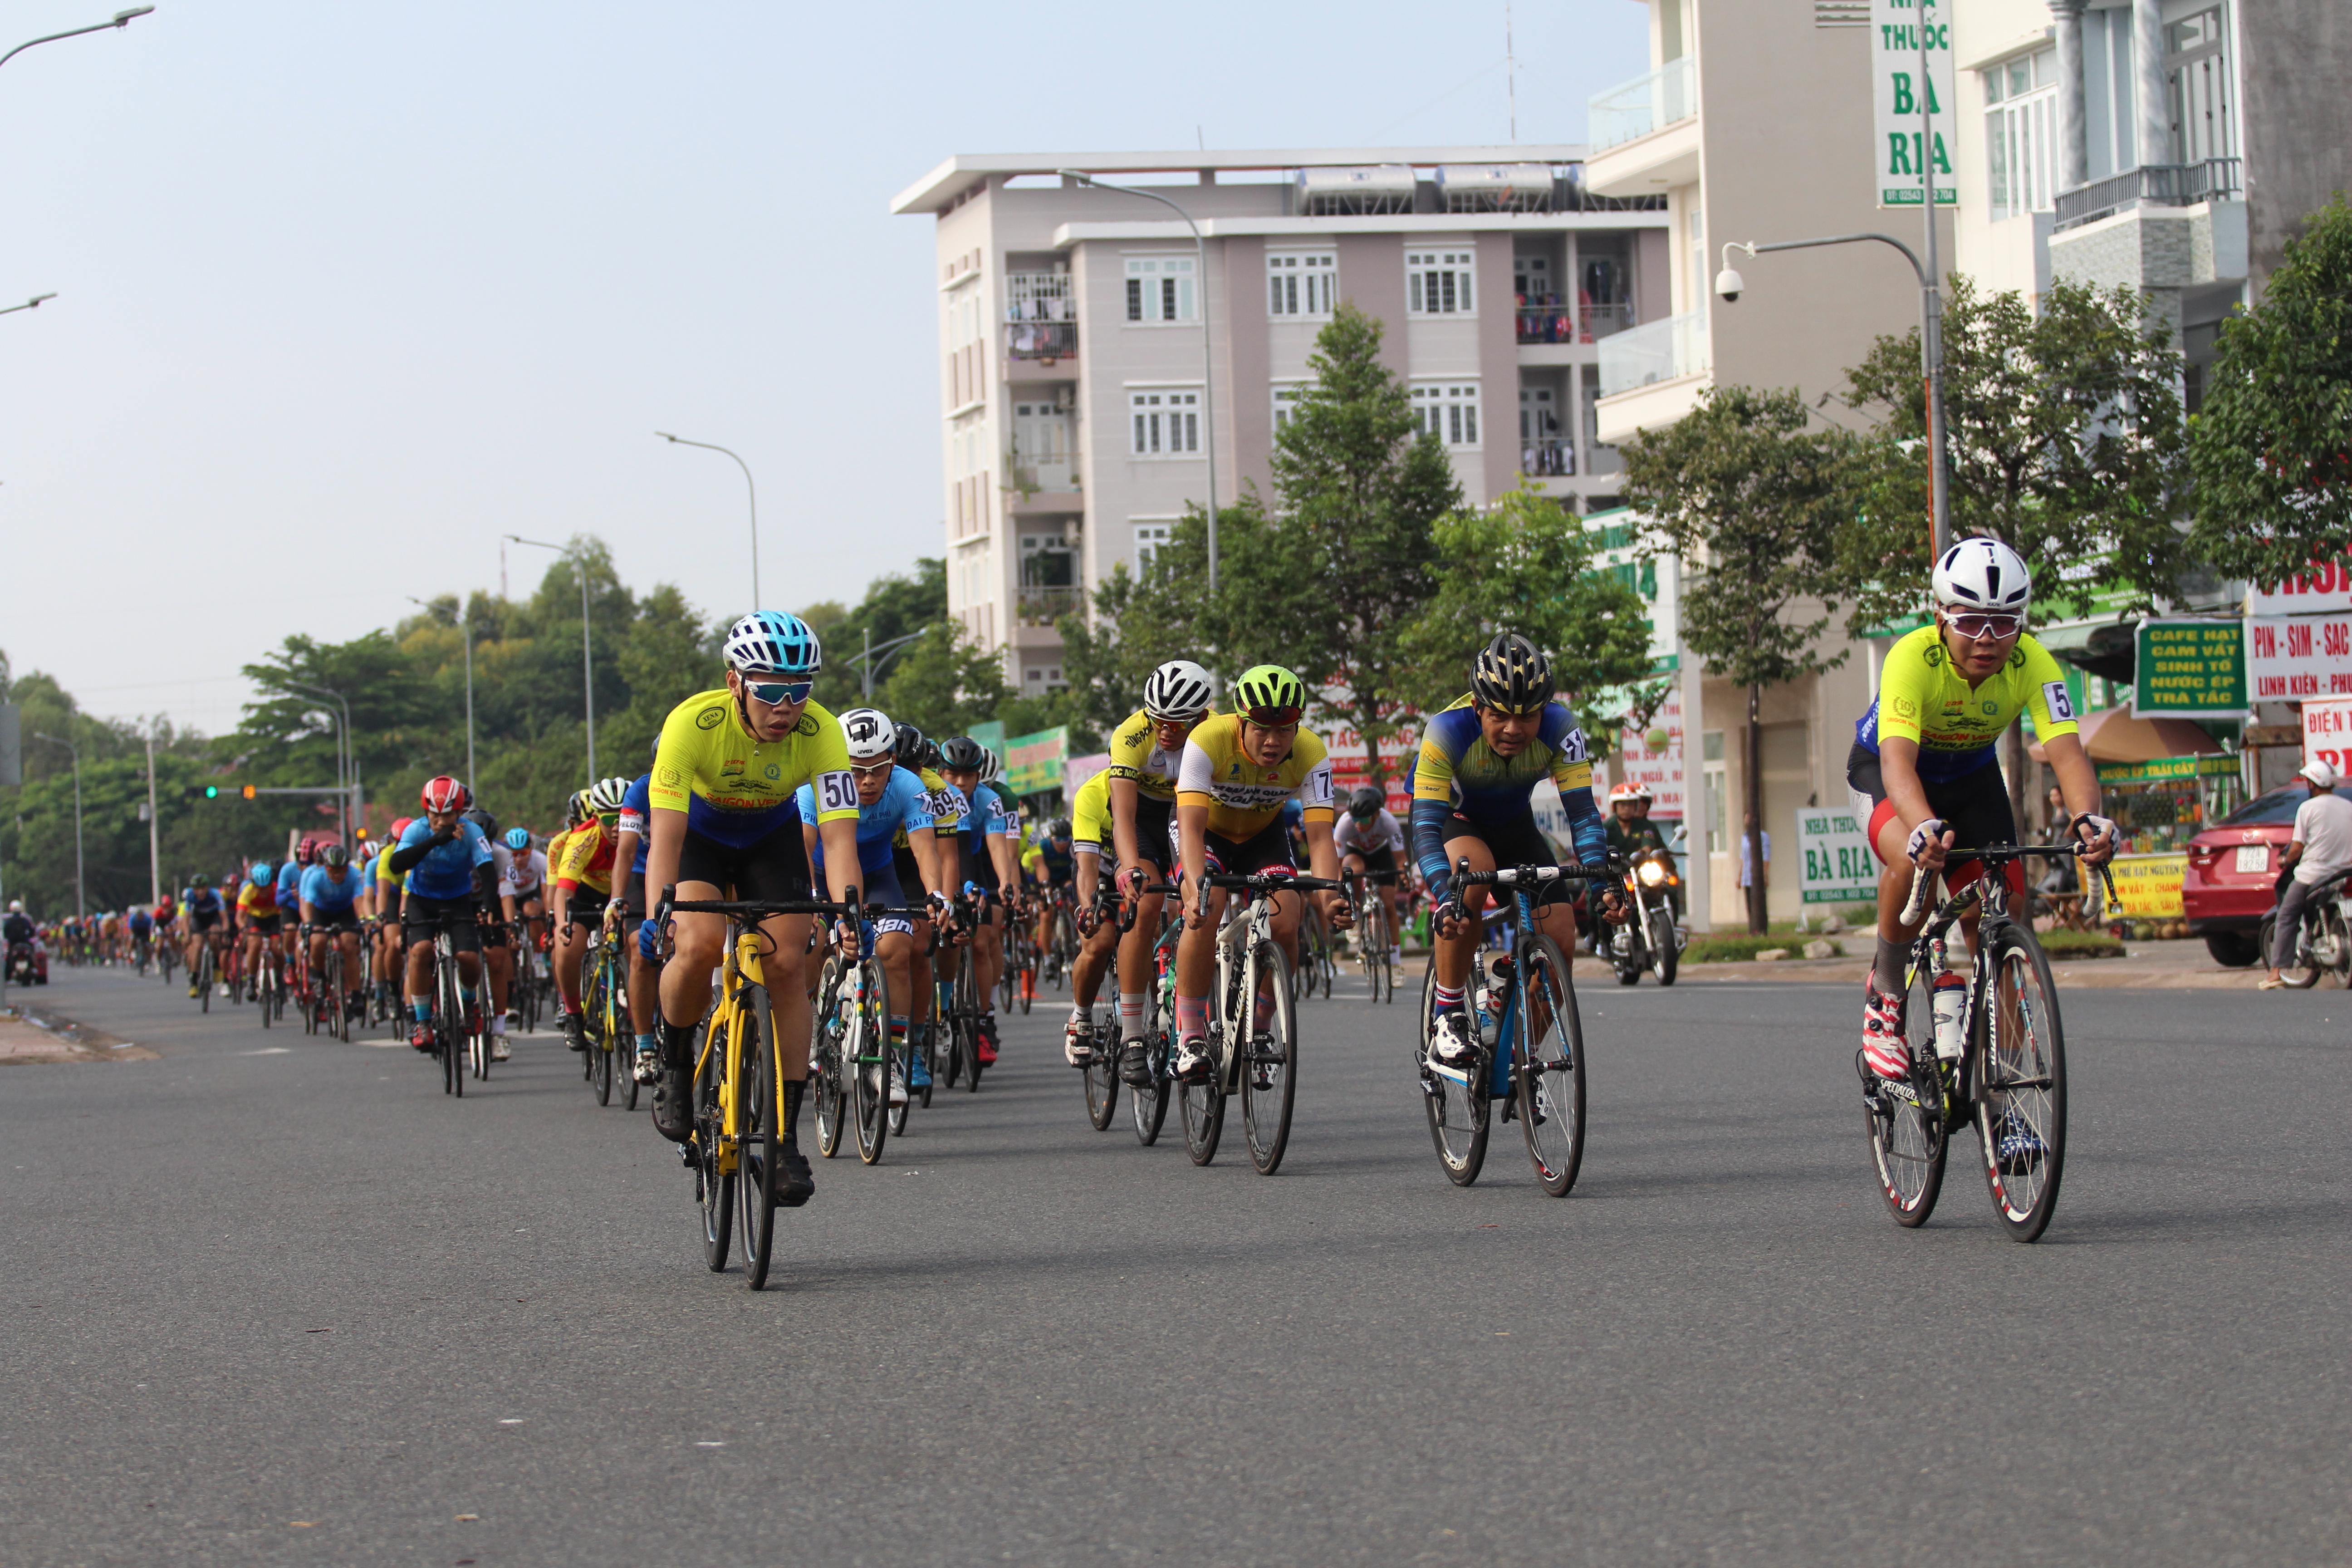 Hình ảnh: Sôi động giải đua xe đạp tỉnh Bà Rịa - Vũng Tàu mở rộng 2020 số 2